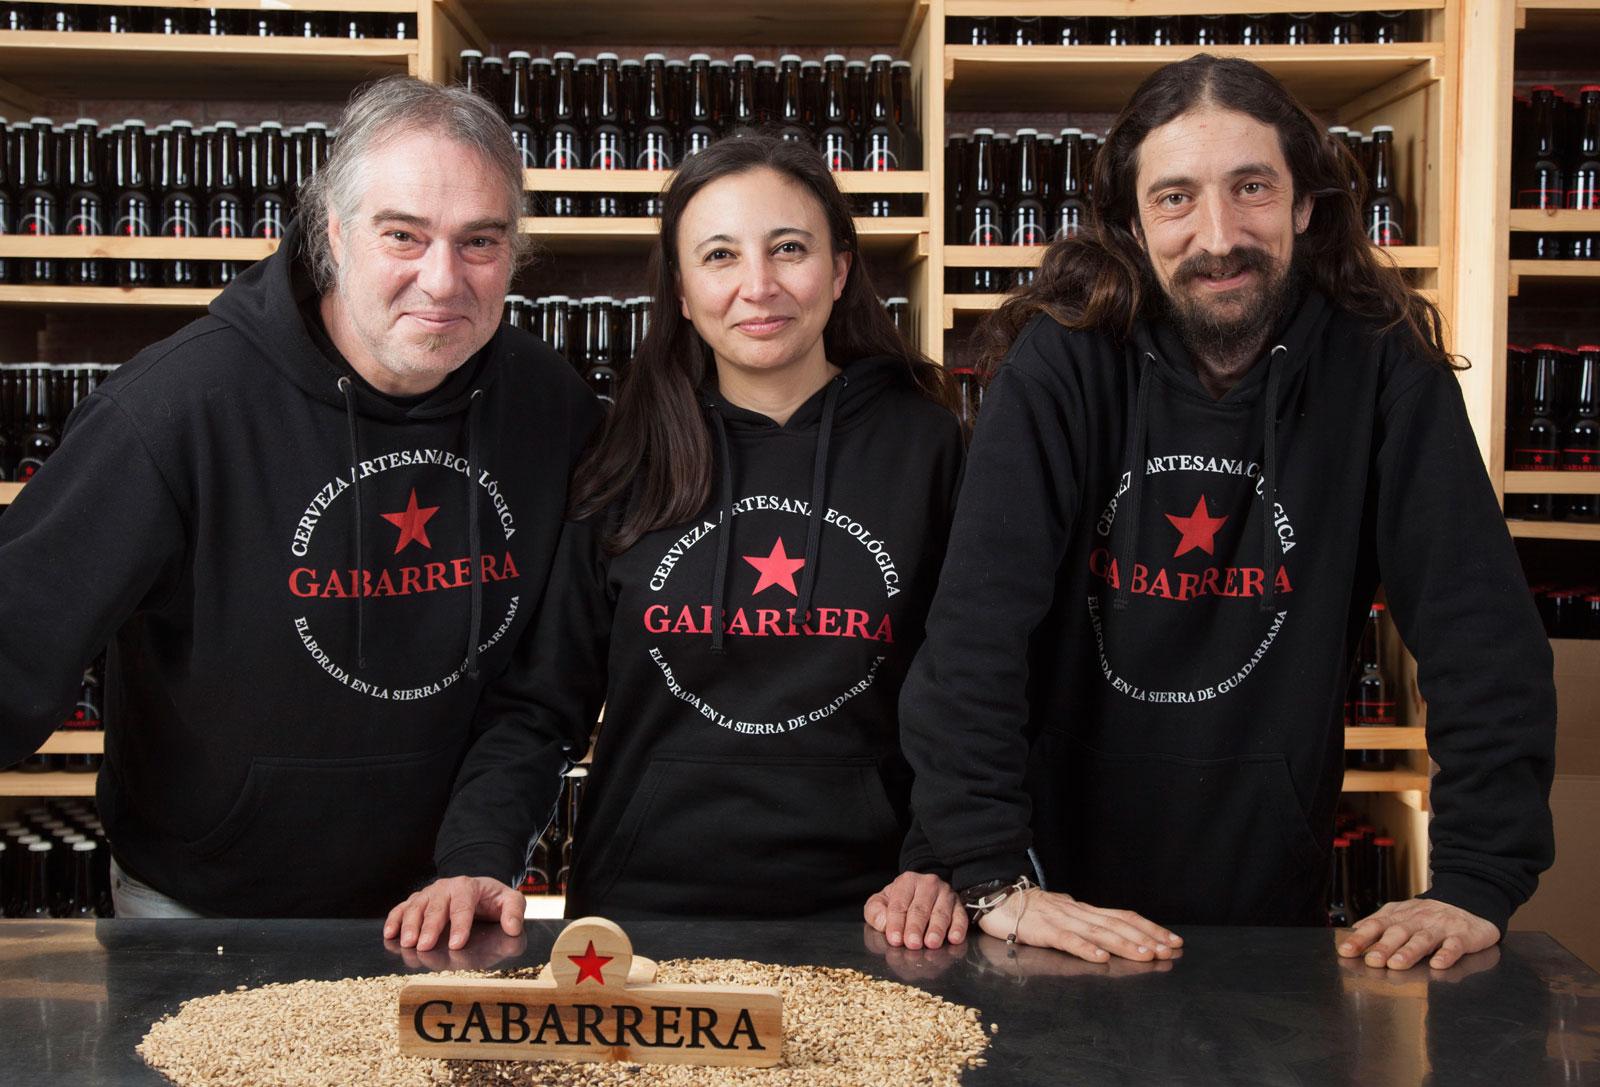 Cerveza ecológica artesana madrid Gabarrera el mundo ecológico fundadores